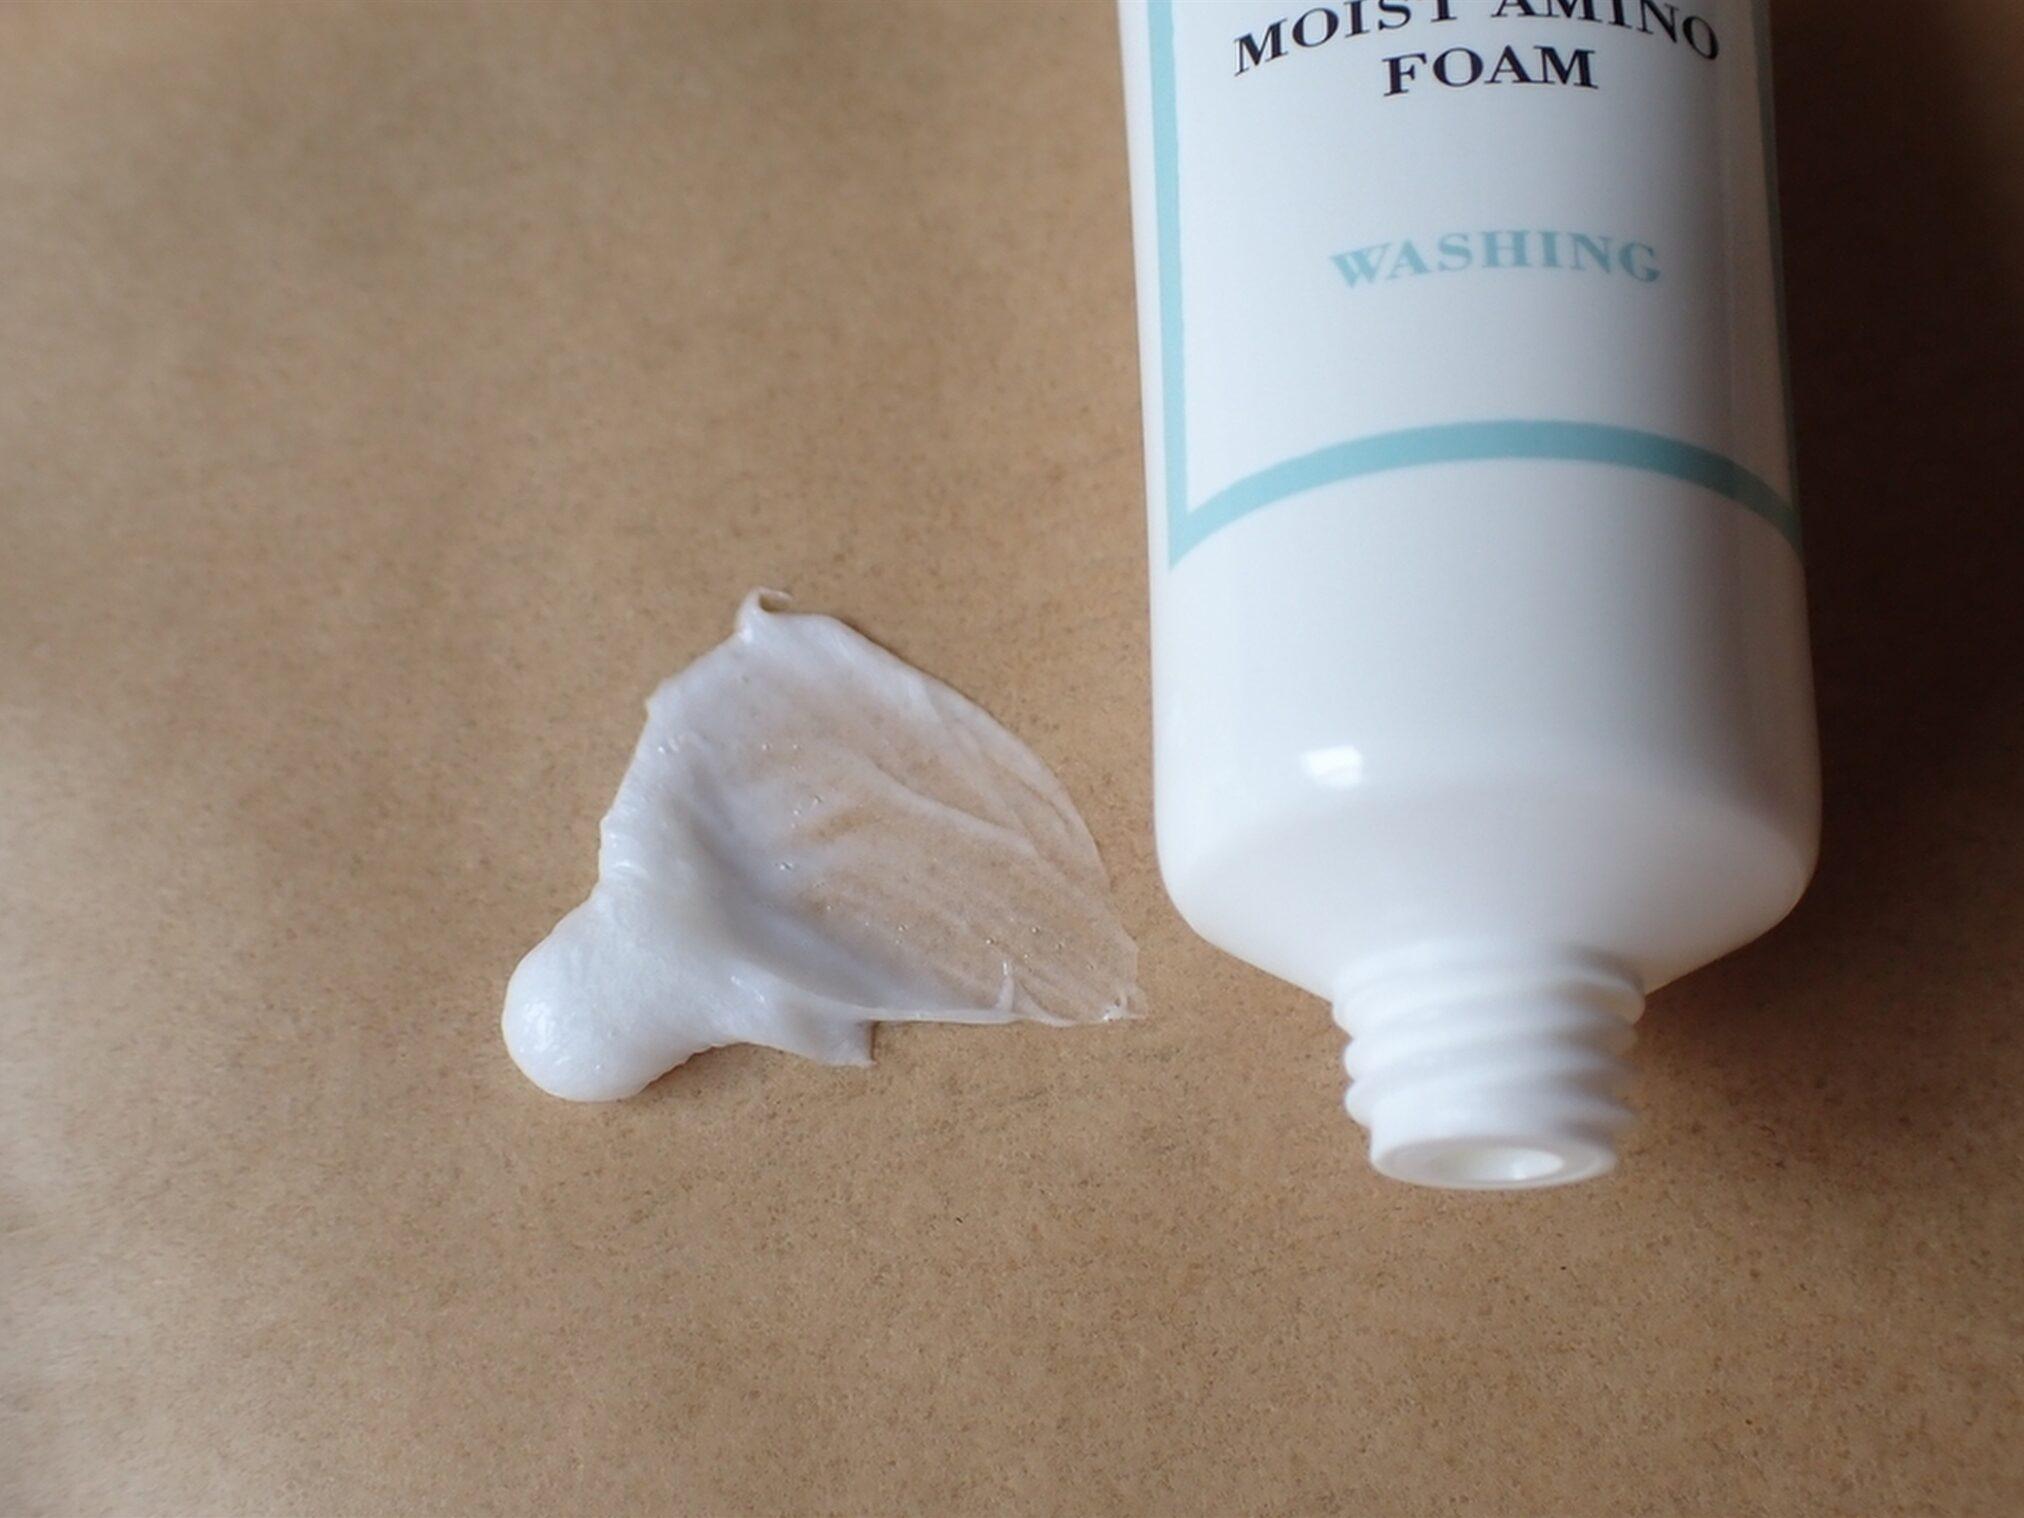 エトヴォス アルティモイスト トライアルキット ETVOS 洗顔フォーム モイストアミノフォーム 20g 洗面所の洗顔にも使いやすいフォームタイプの洗顔料です